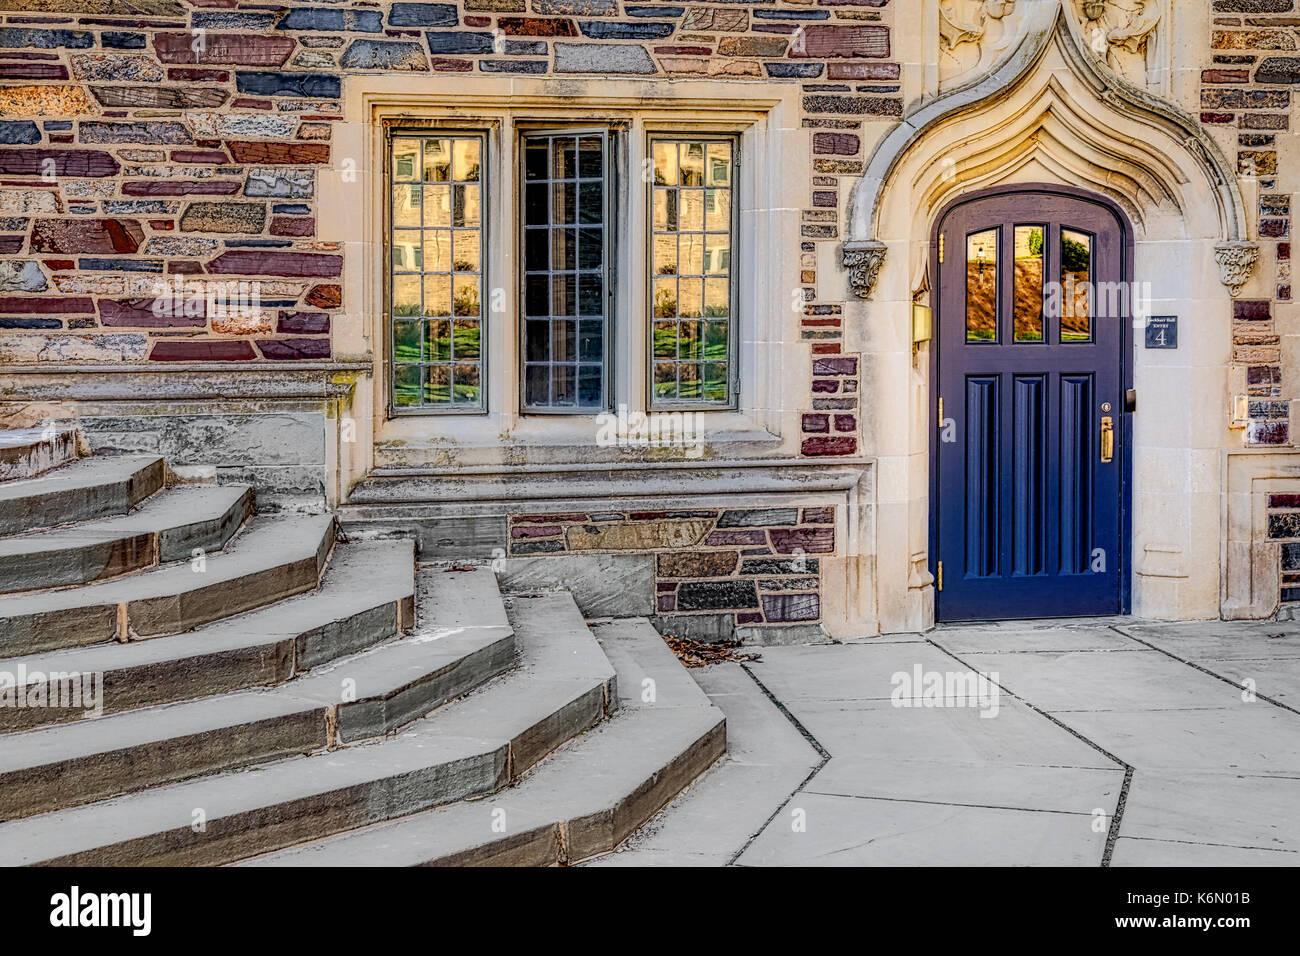 Universidad de Princeton lockhar hall - la entrada de la puerta de madera del azul al dormitorio edificio en el estilo gótico colegial ivy league princeton u Imagen De Stock